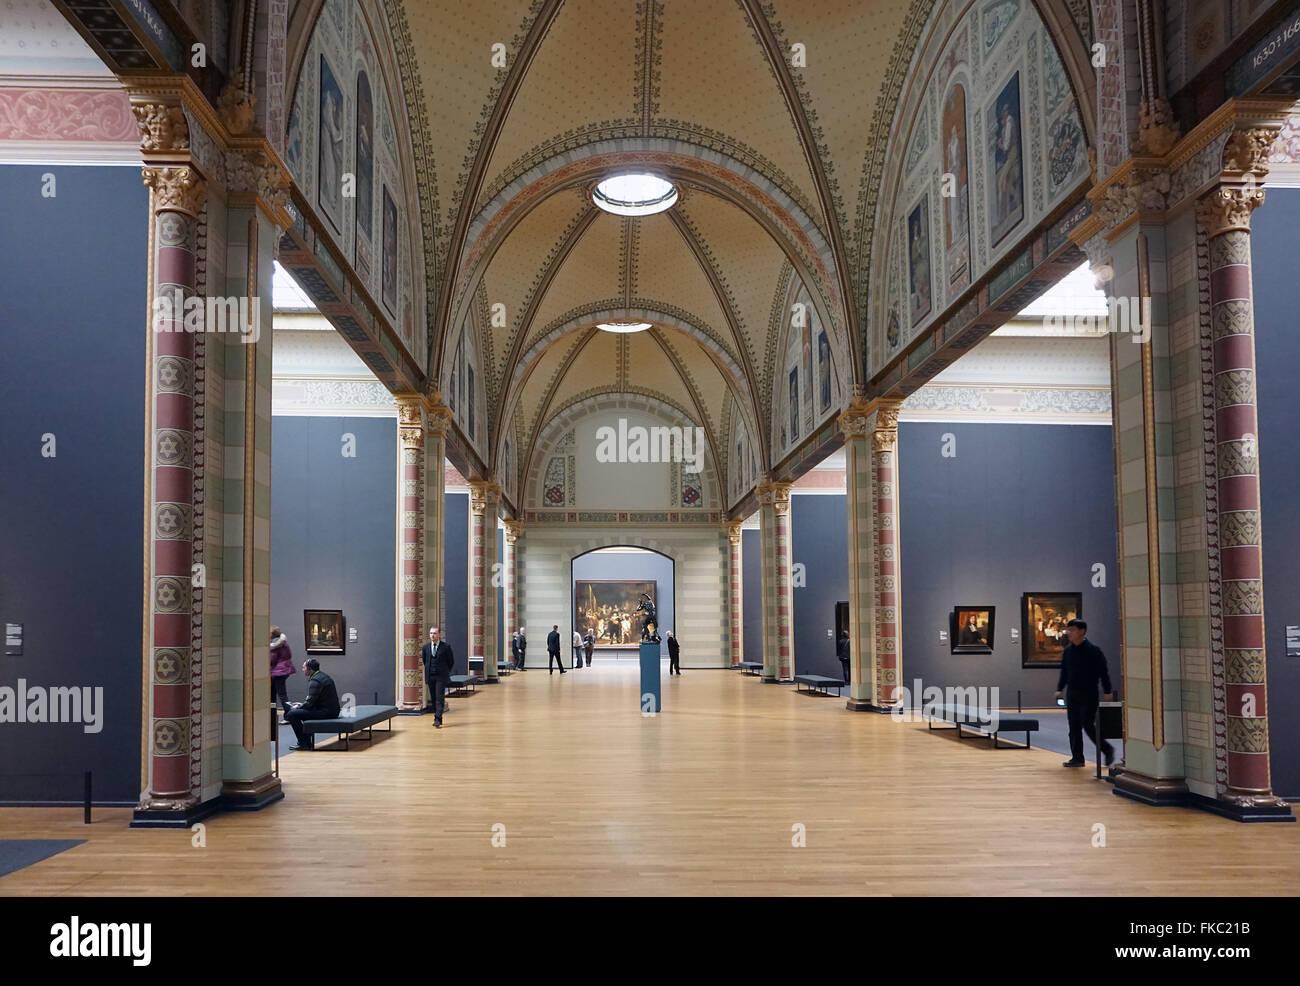 https://c8.alamy.com/comp/FKC21B/interior-of-the-rijksmuseum-amsterdam-with-the-nachtwacht-FKC21B.jpg